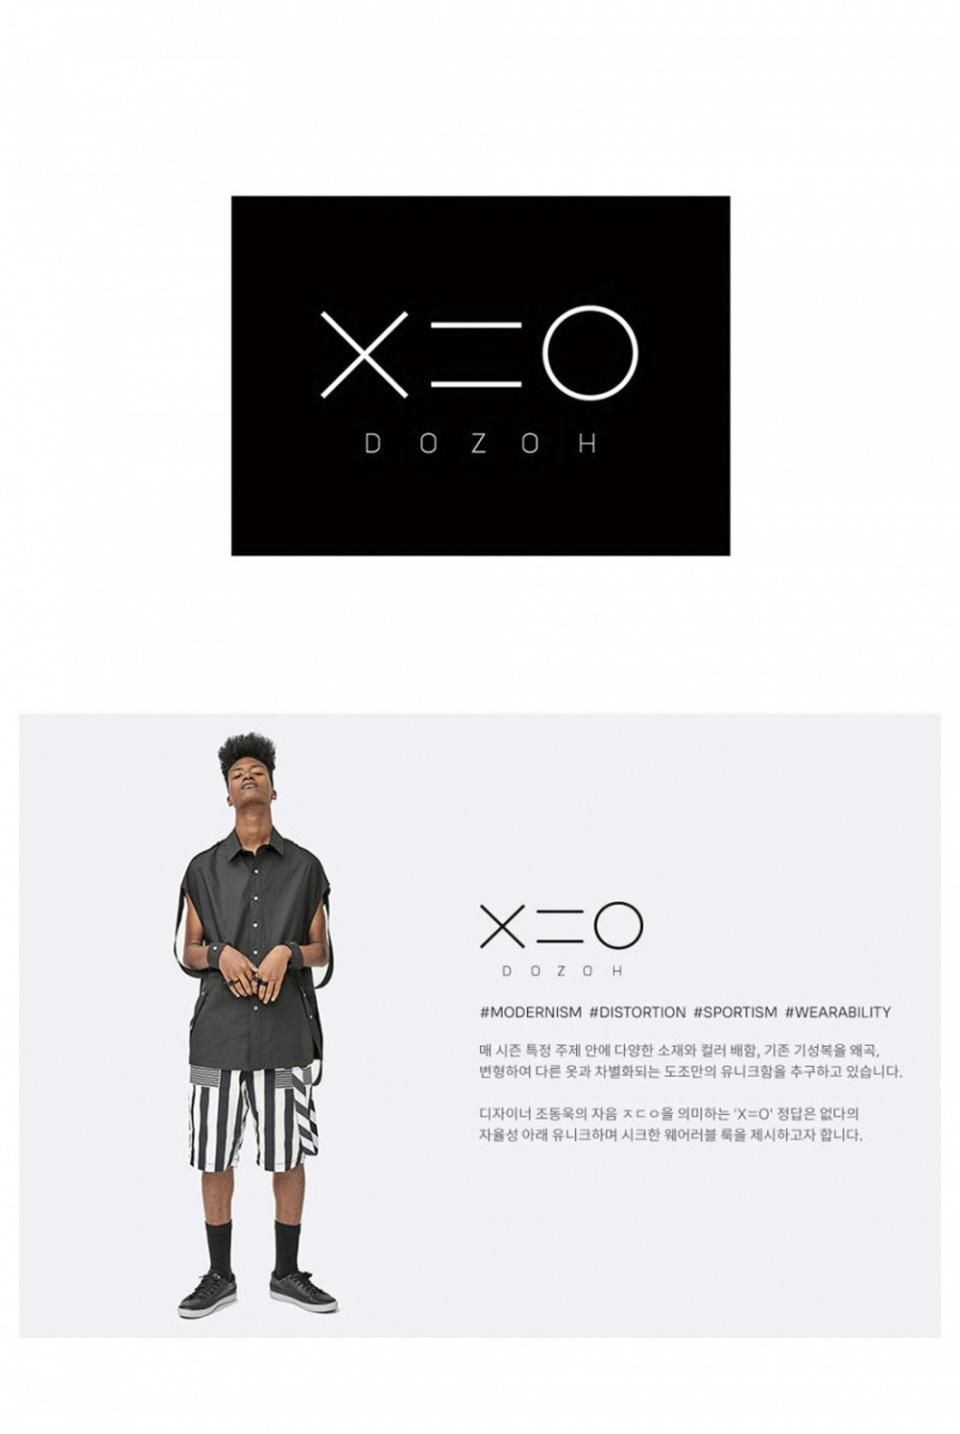 도조(DOZOH) BLCAK X=O T-SHIRTS IN WHITE